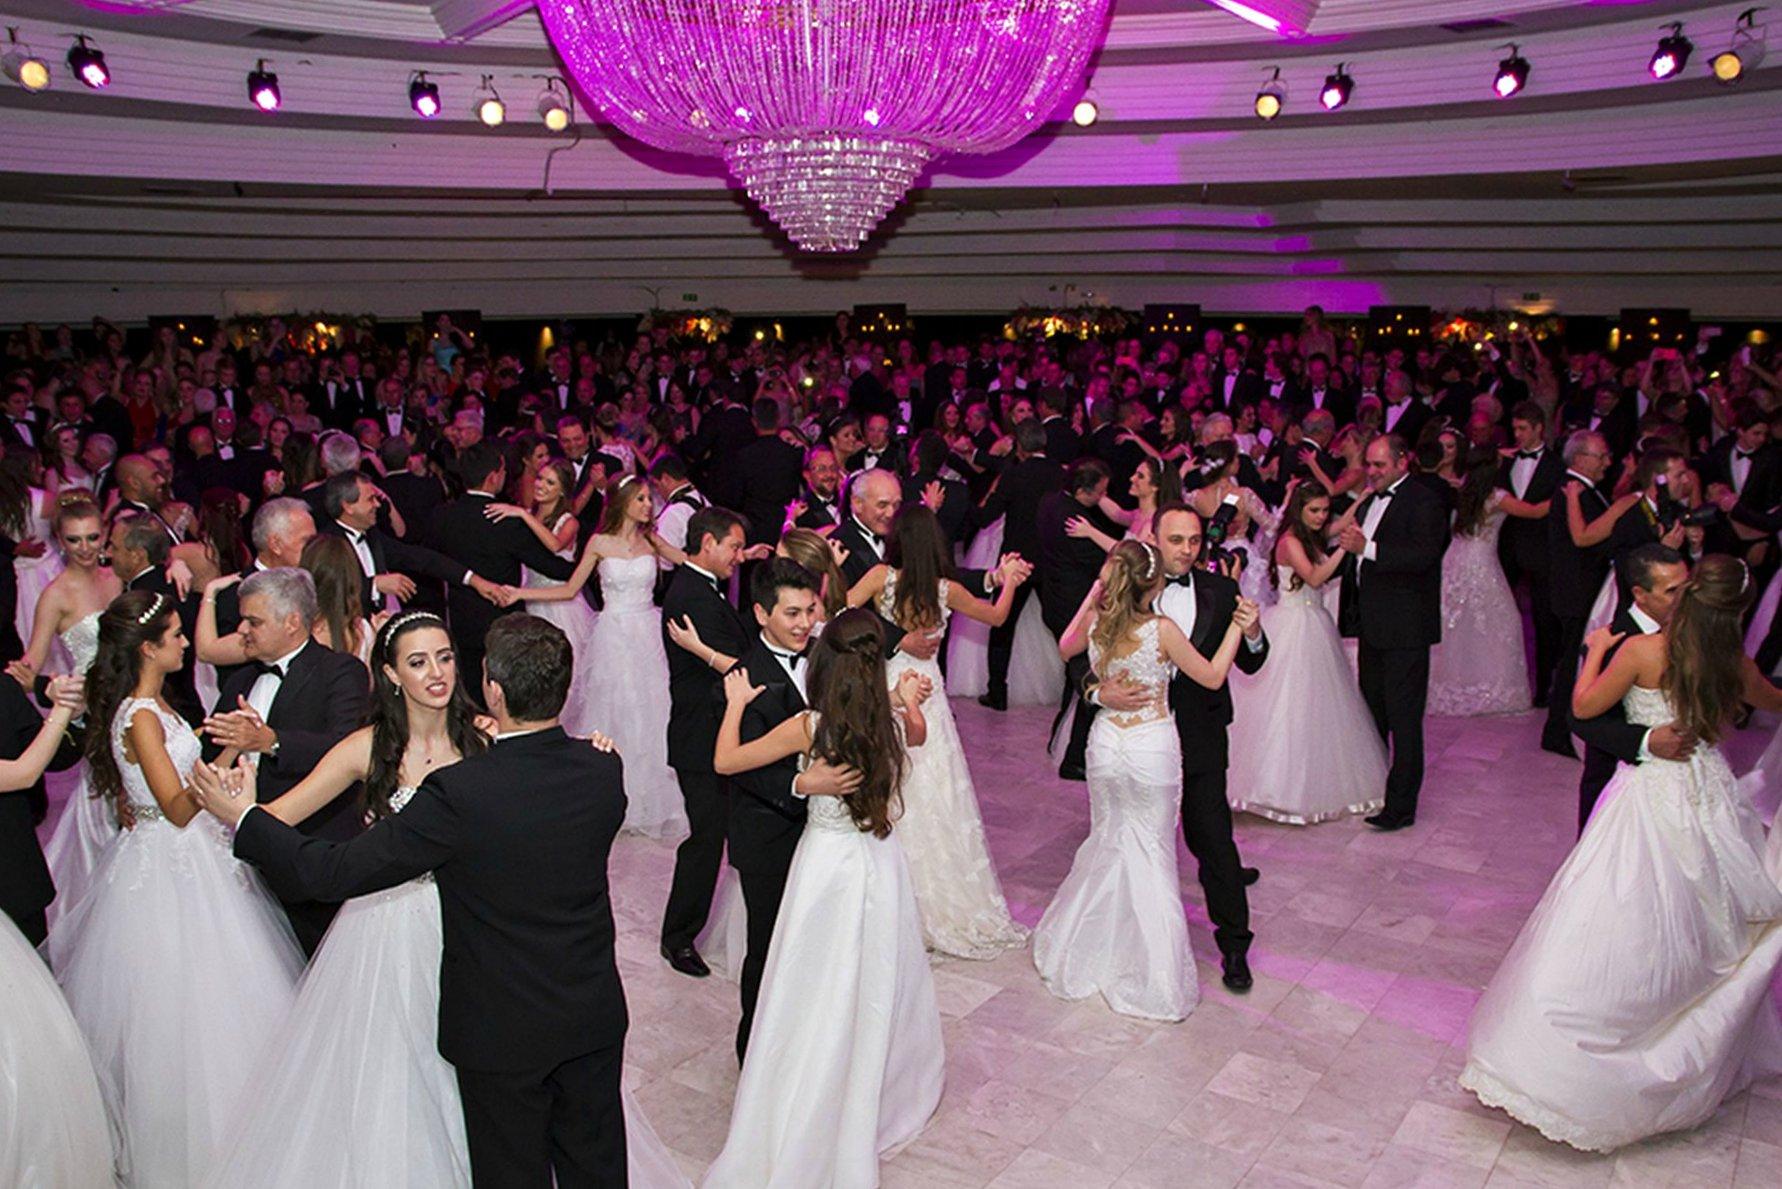 baile debutante clube curitibano amplo.jpg?resize=1200,630 - Tenebroso! Você sabe qual é a origem das festas de debutantes?